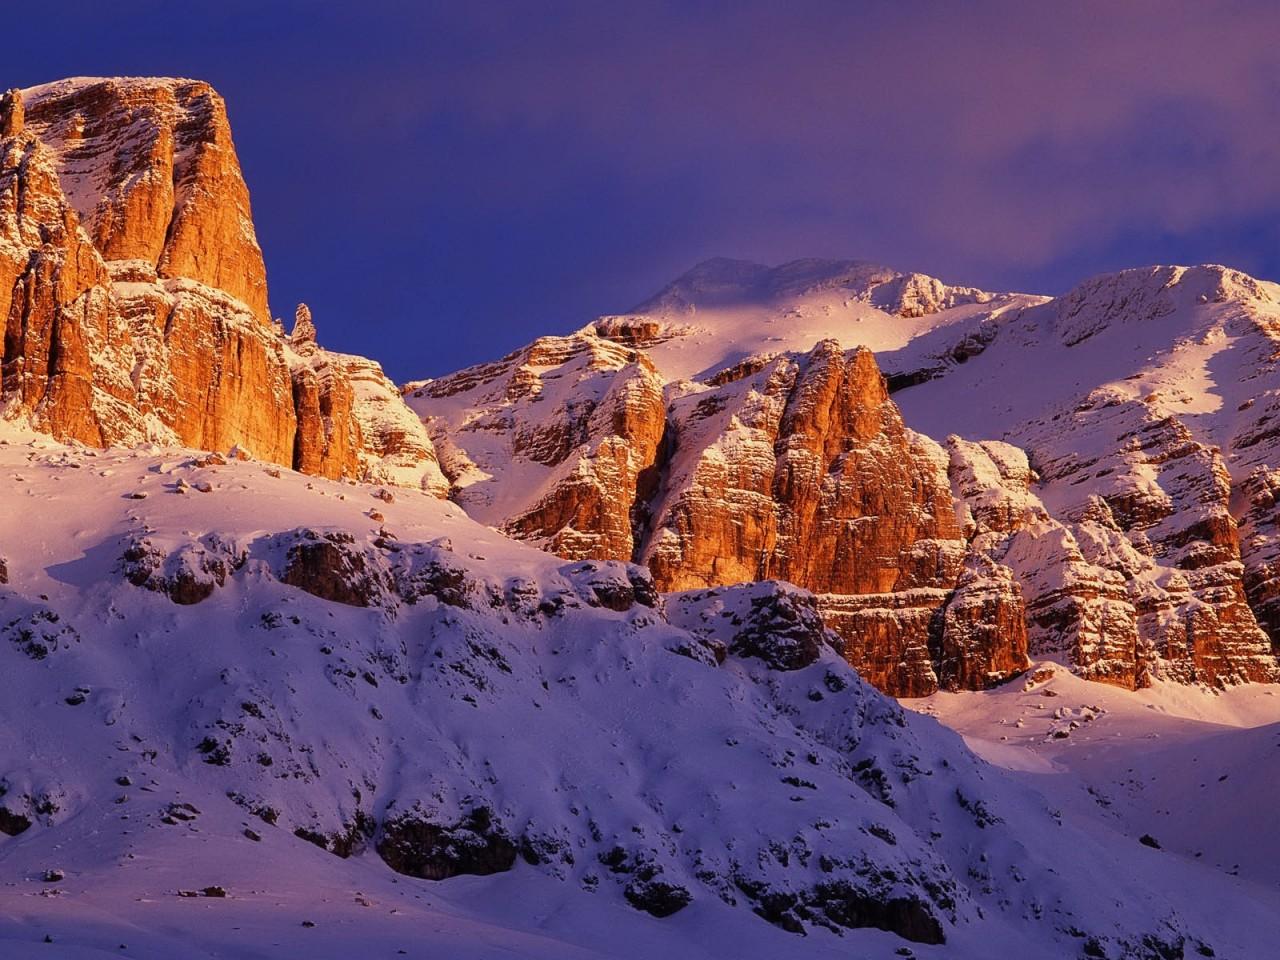 Красивые фото природы - Muz4in.Net